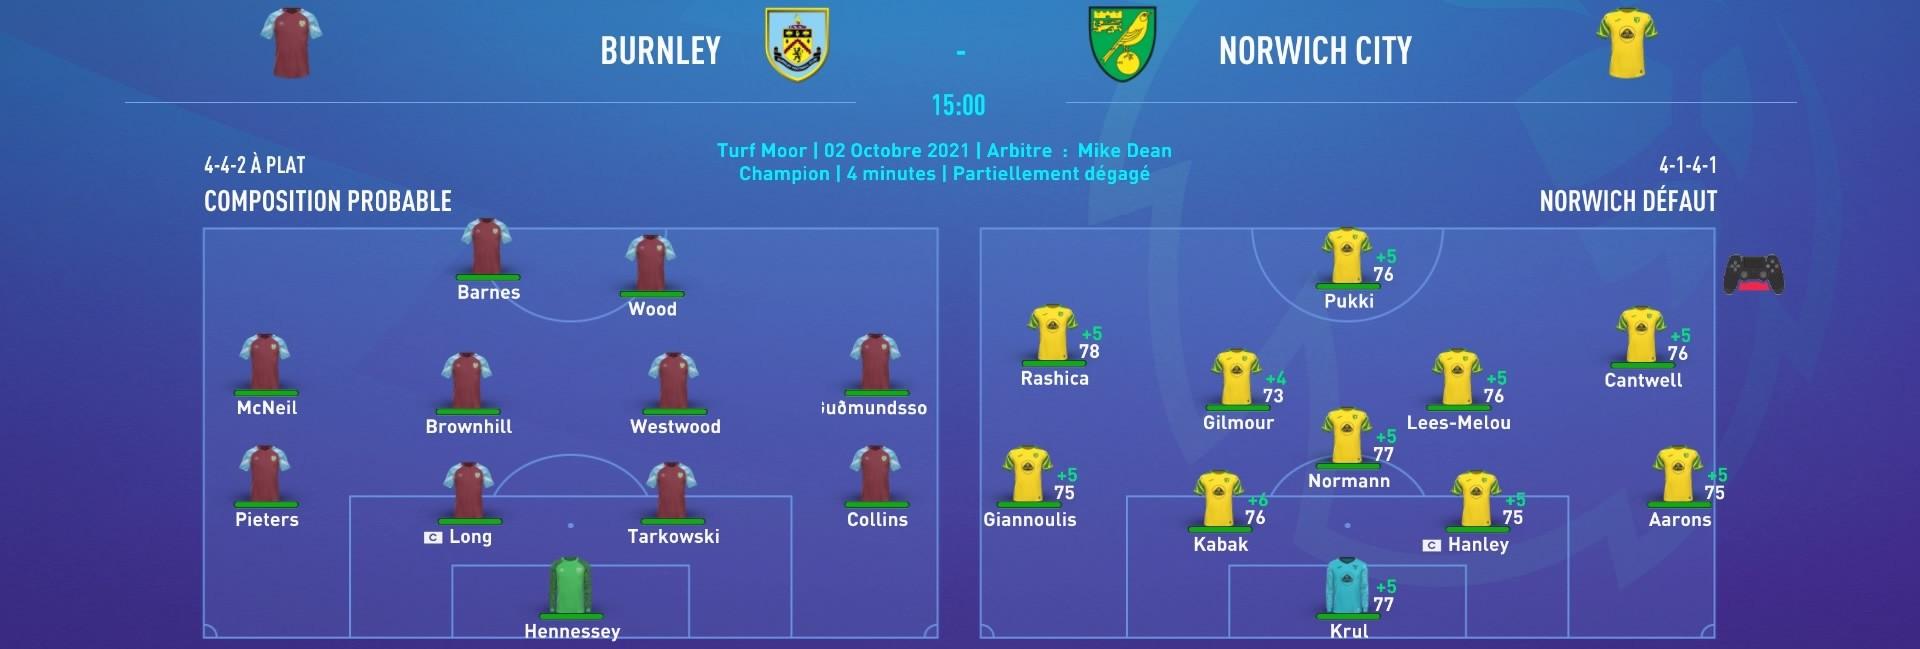 [FIFA 22] Story | Les Canaries à l'aube d'une nouvelle ère Fifa_271